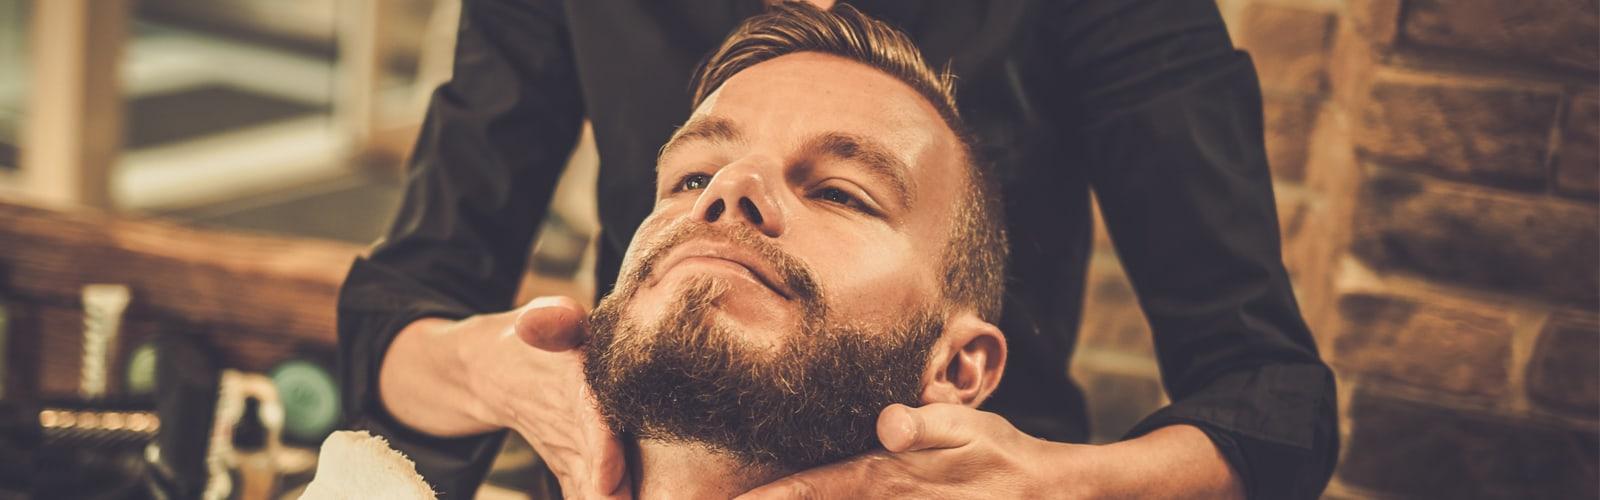 Photo de couverture - Page Hommes - Salon Coiffure à l'image